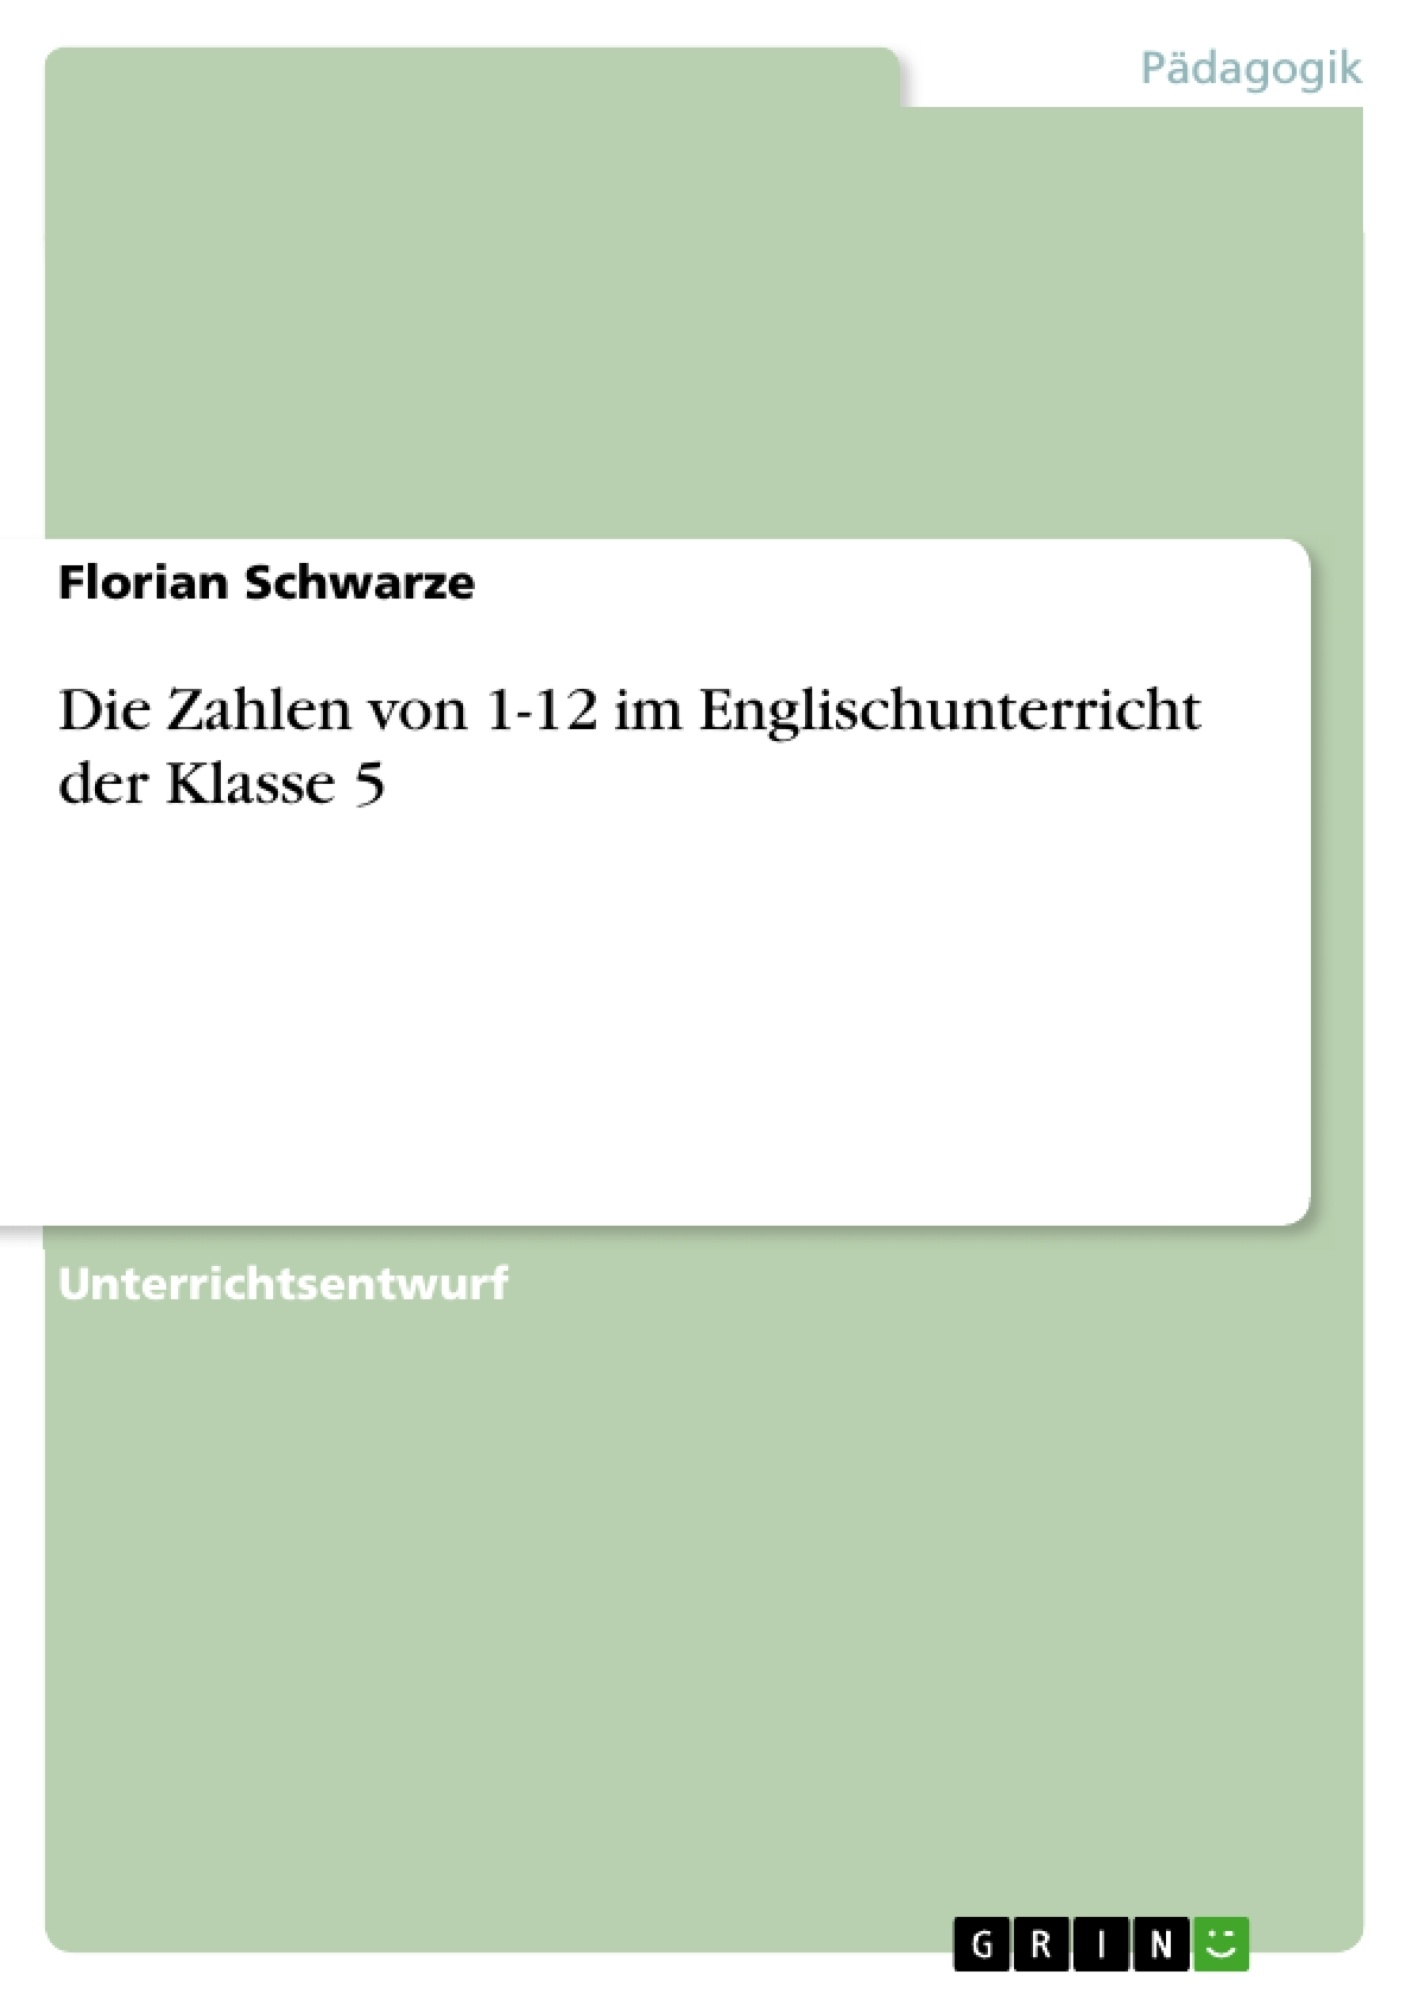 Titel: Die Zahlen von 1-12 im Englischunterricht der Klasse 5